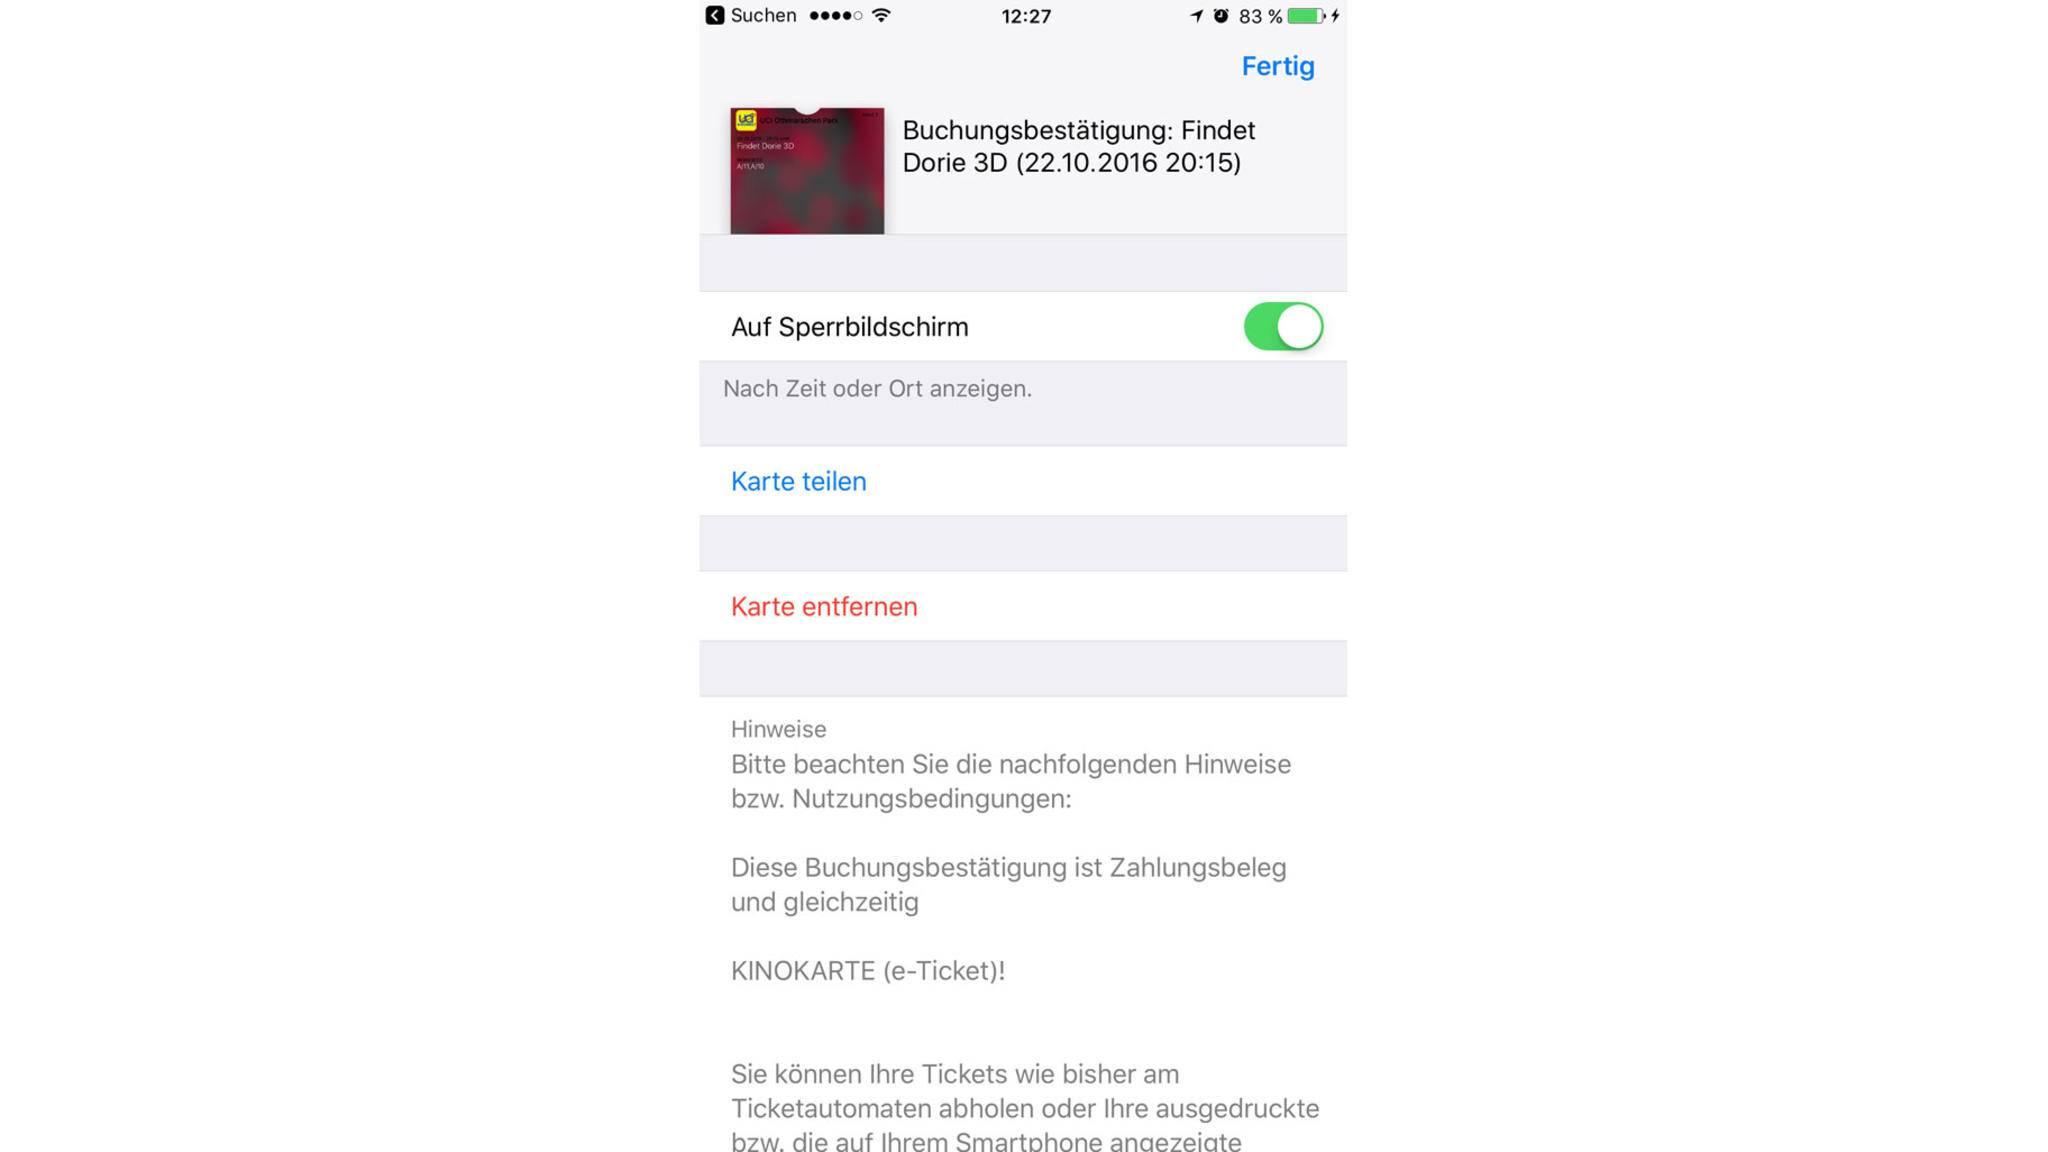 Tippst Du auf eine Karte innerhalb der App, kannst Du diese entfernen oder auch teilen.